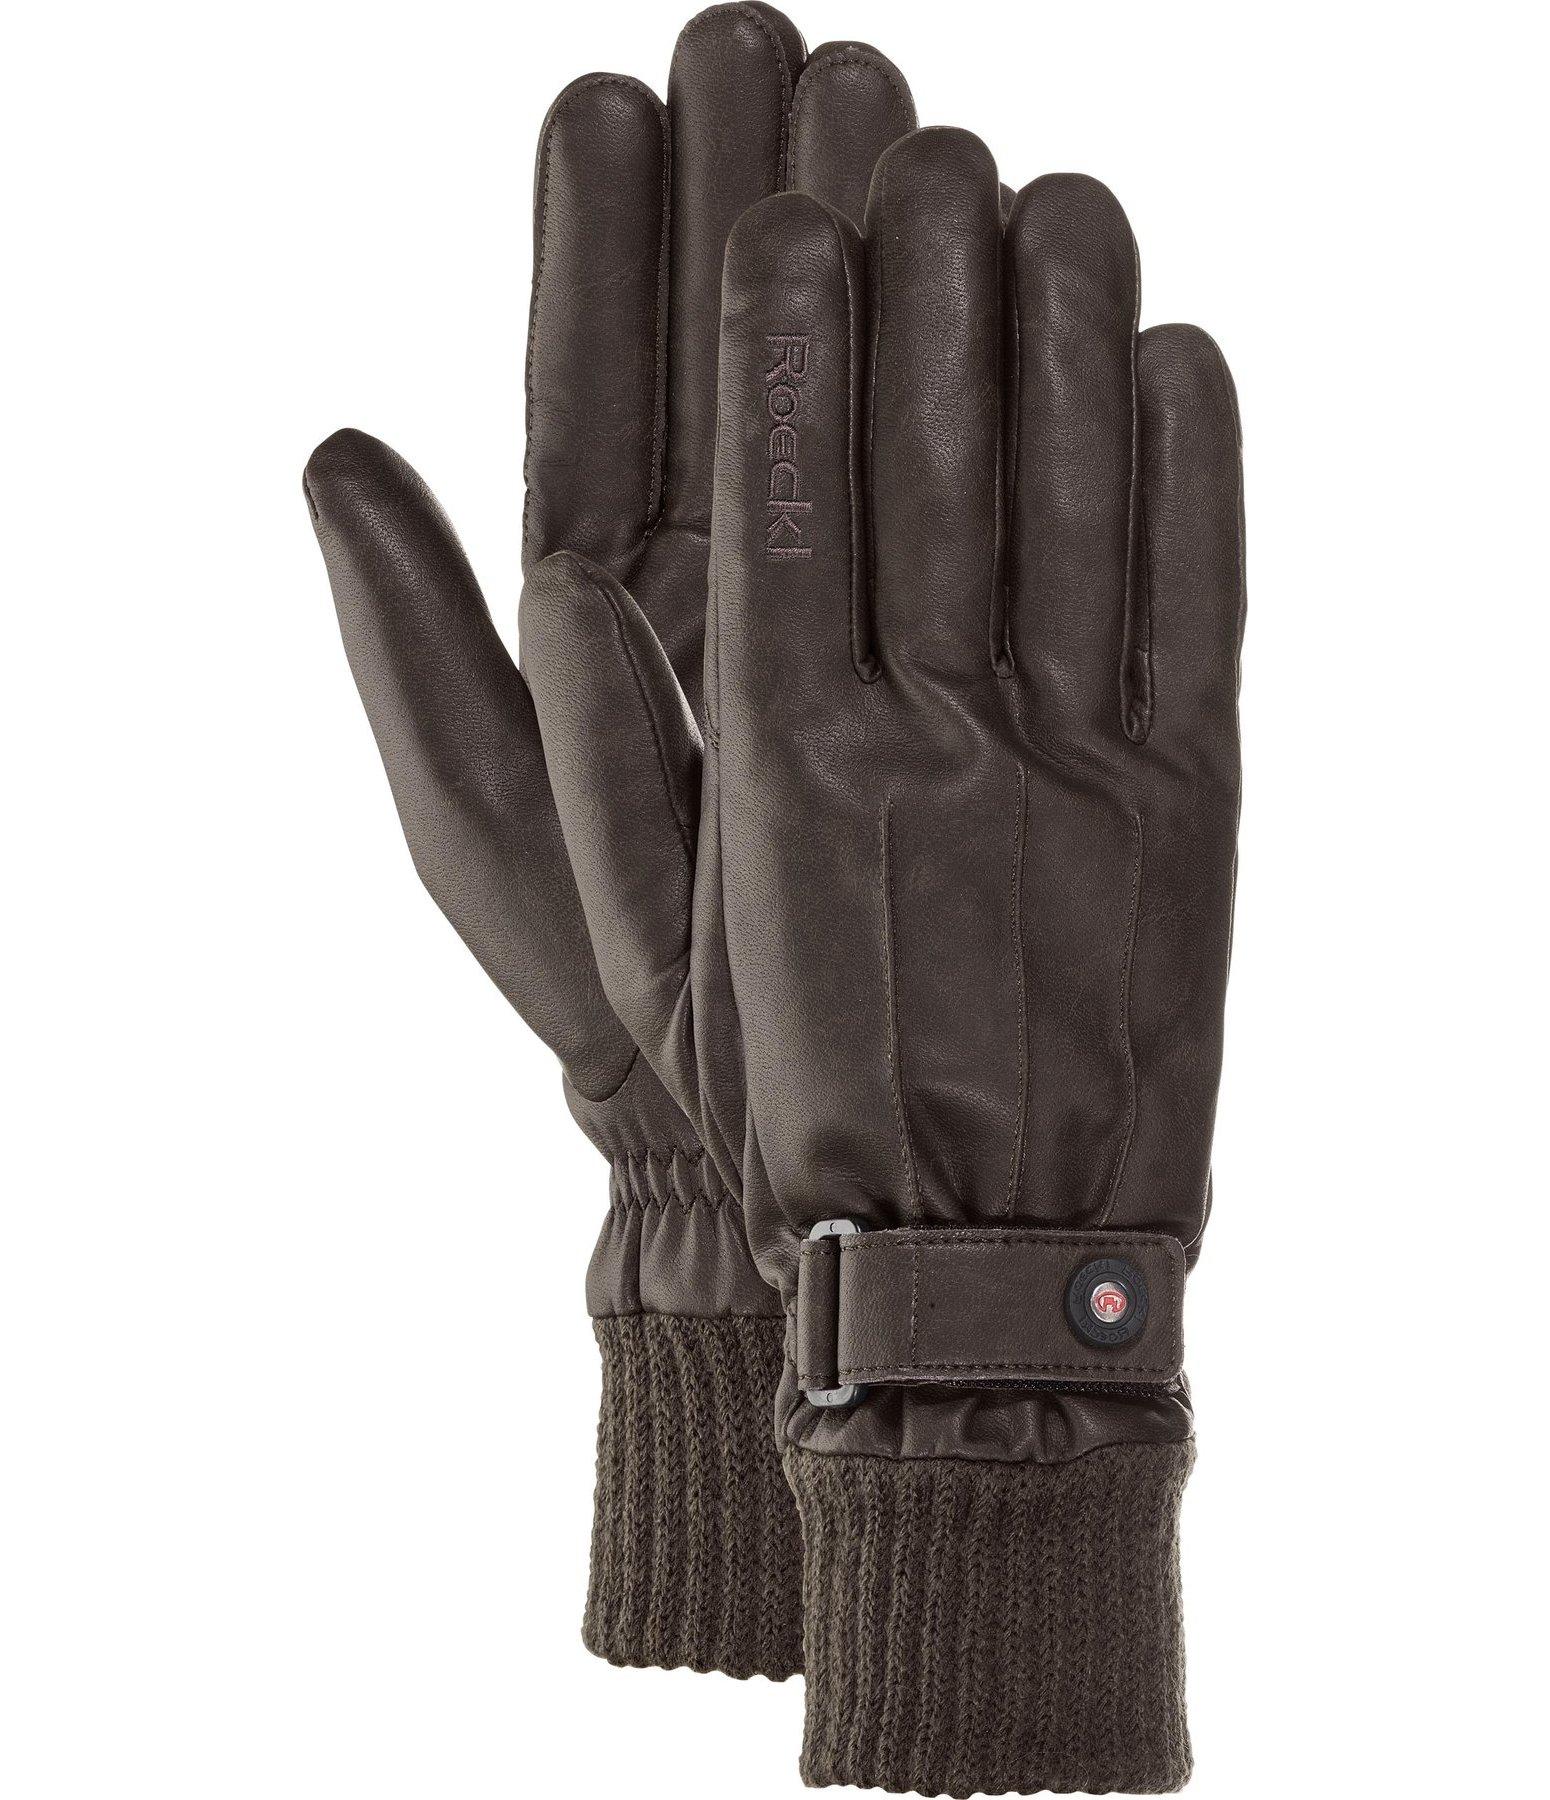 Winter Riding Gloves Wales - Winter Riding Gloves - Kramer